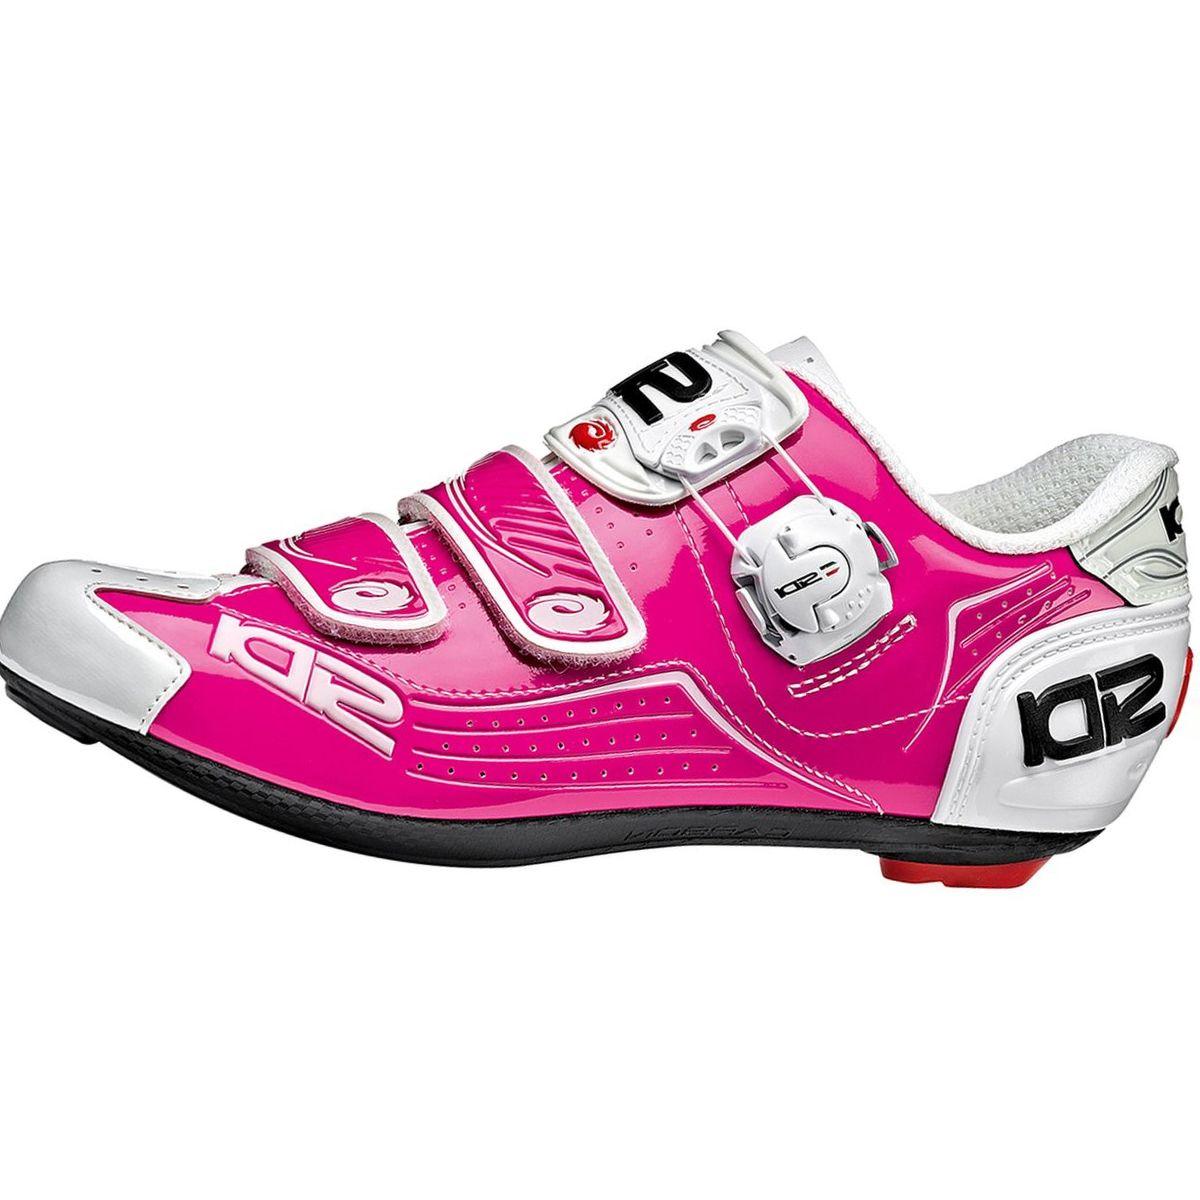 Sidi Alba Carbon Cycling Shoe - Women's